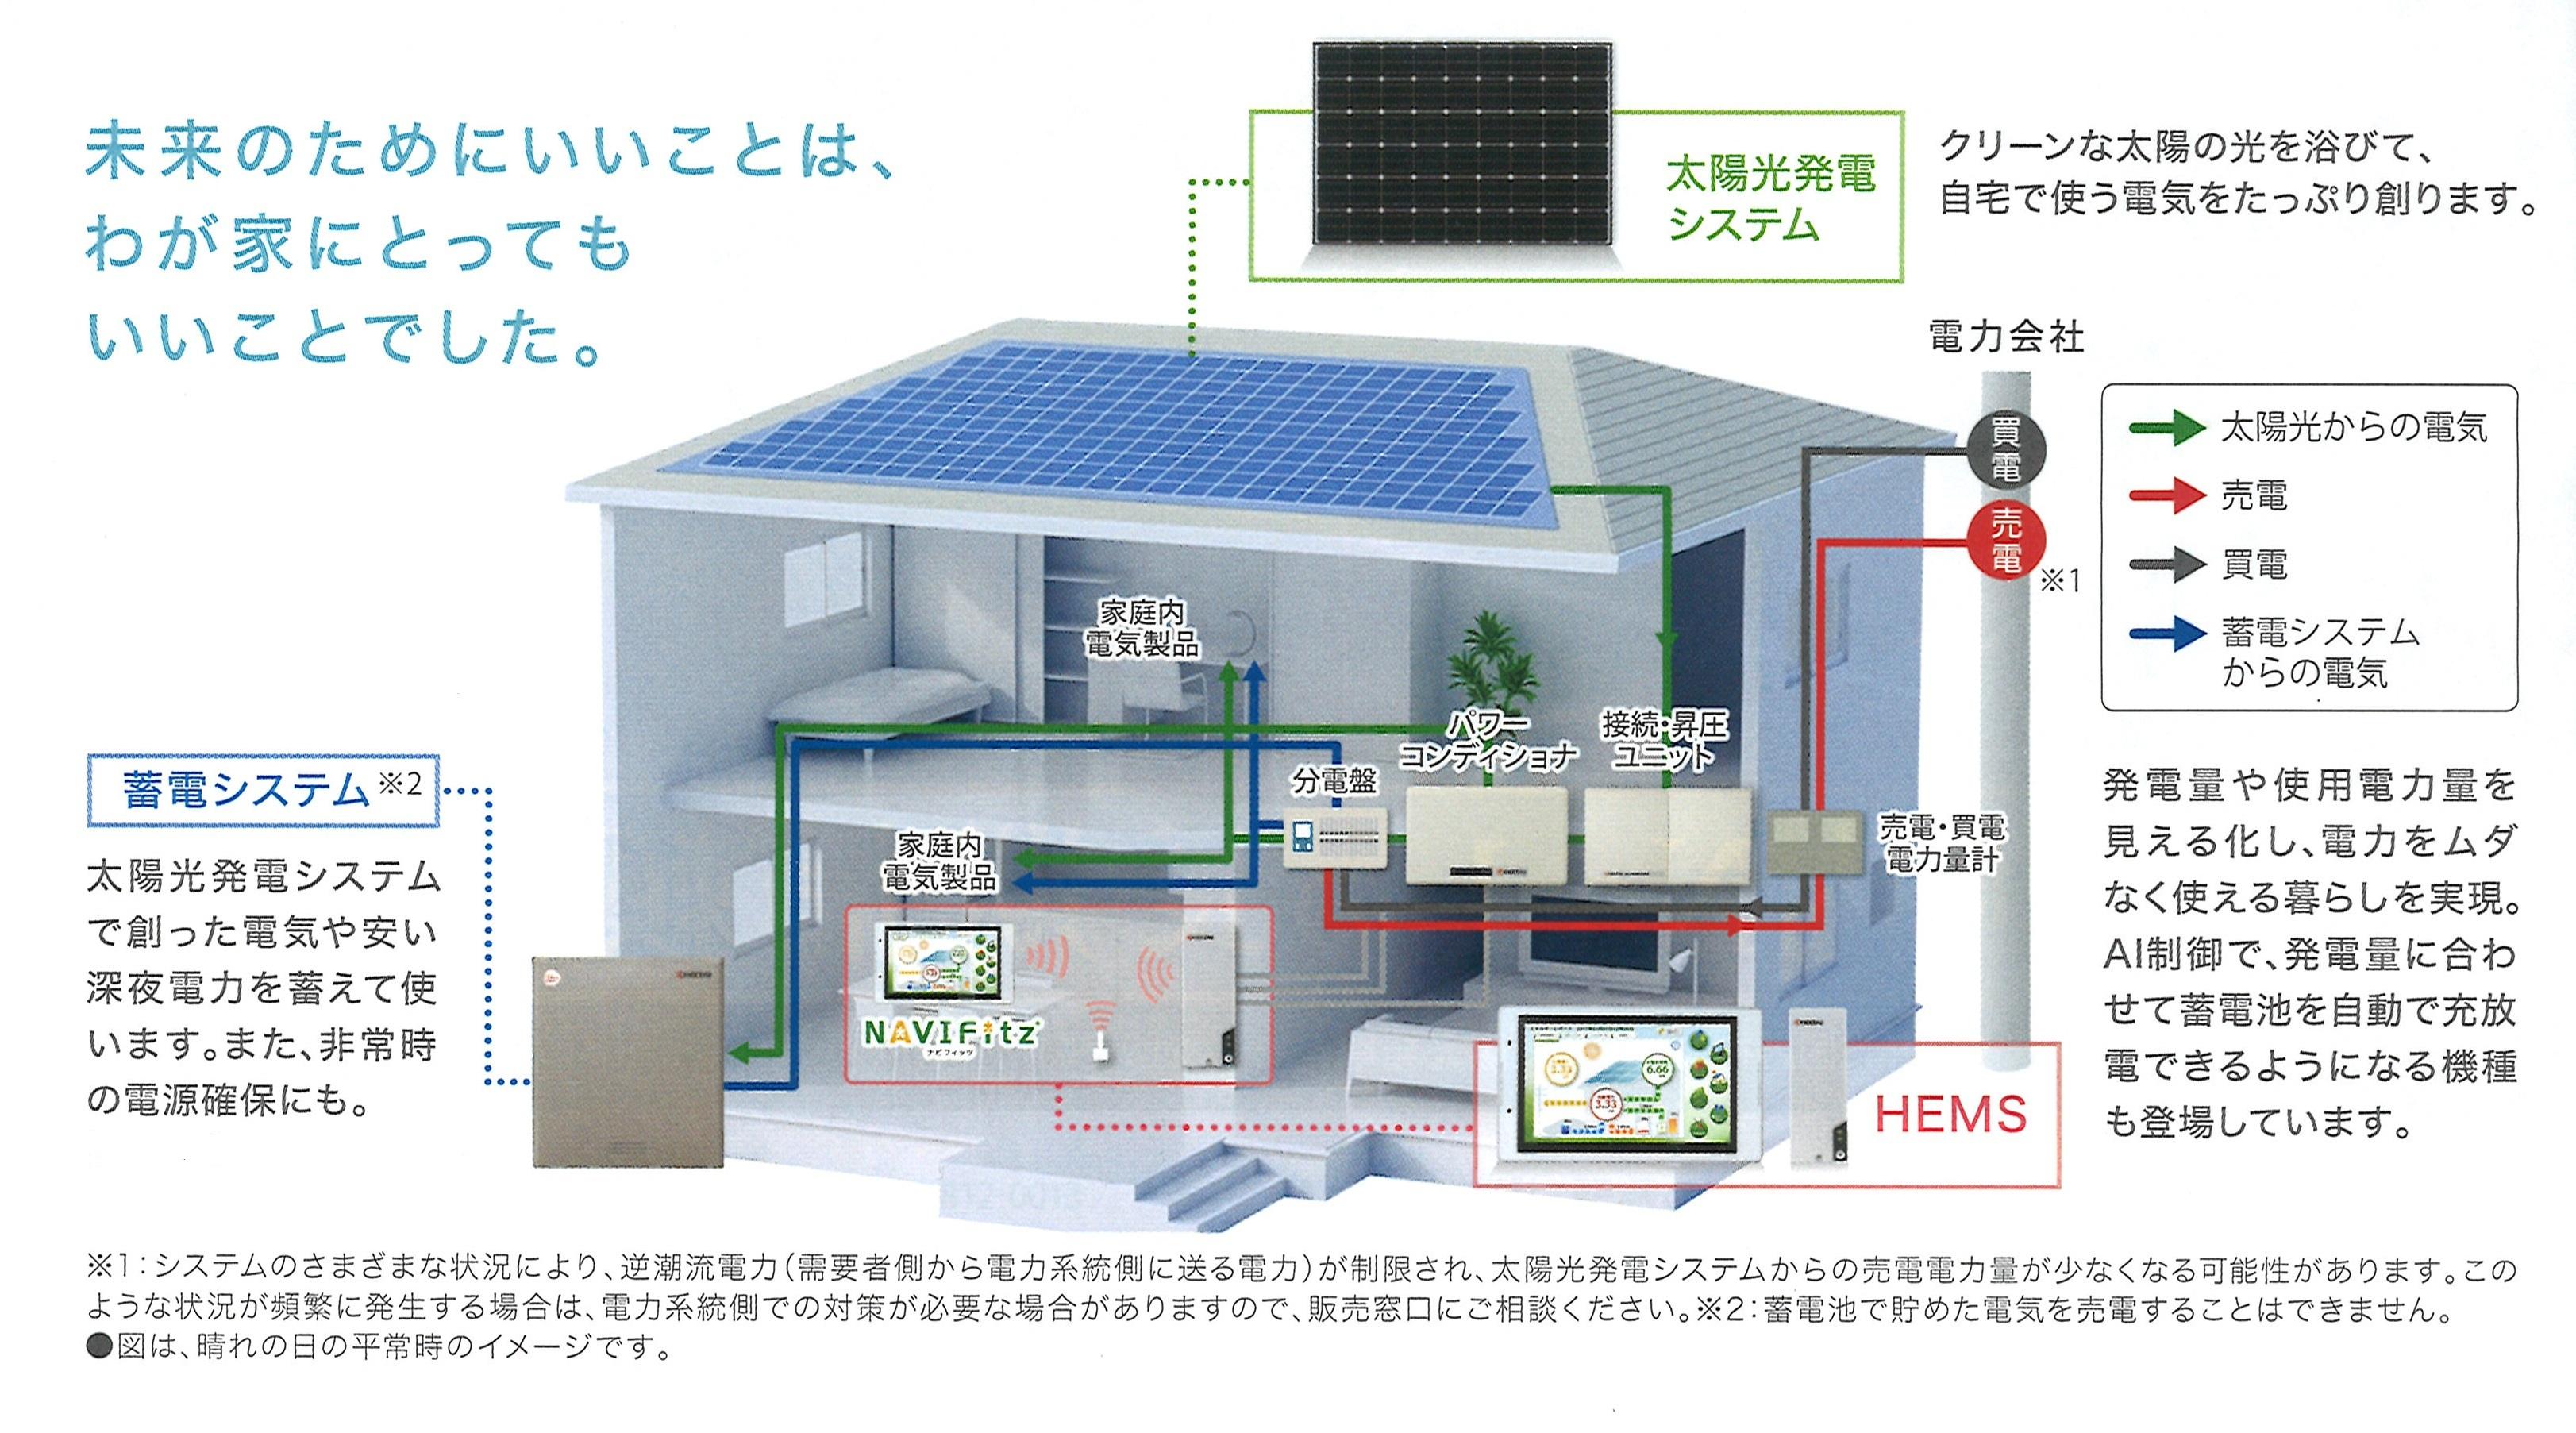 仕組み 発電 太陽 光